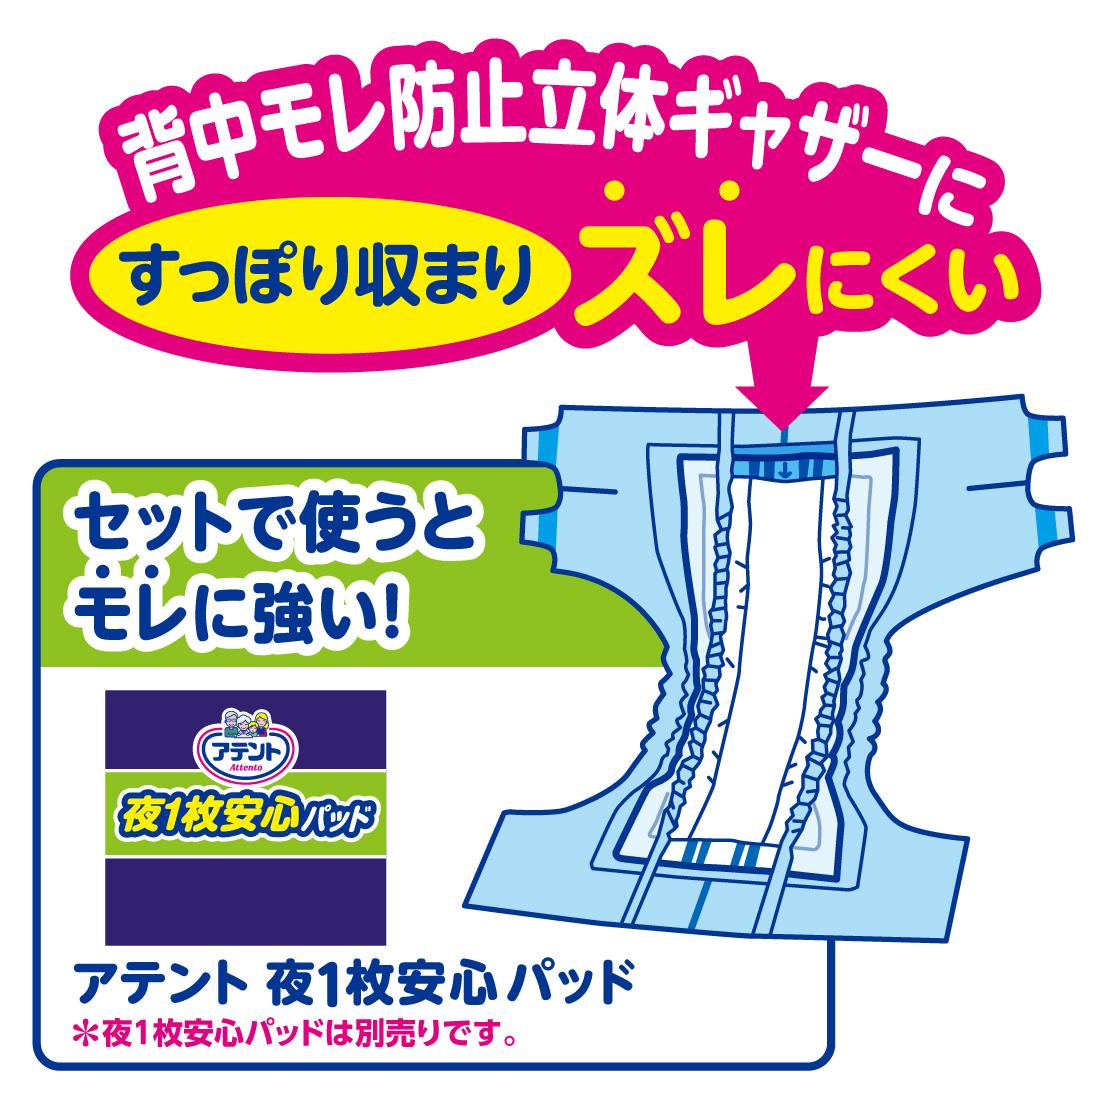 アテント背モレ・横モレも防ぐうす型スーパーフィットテープ式